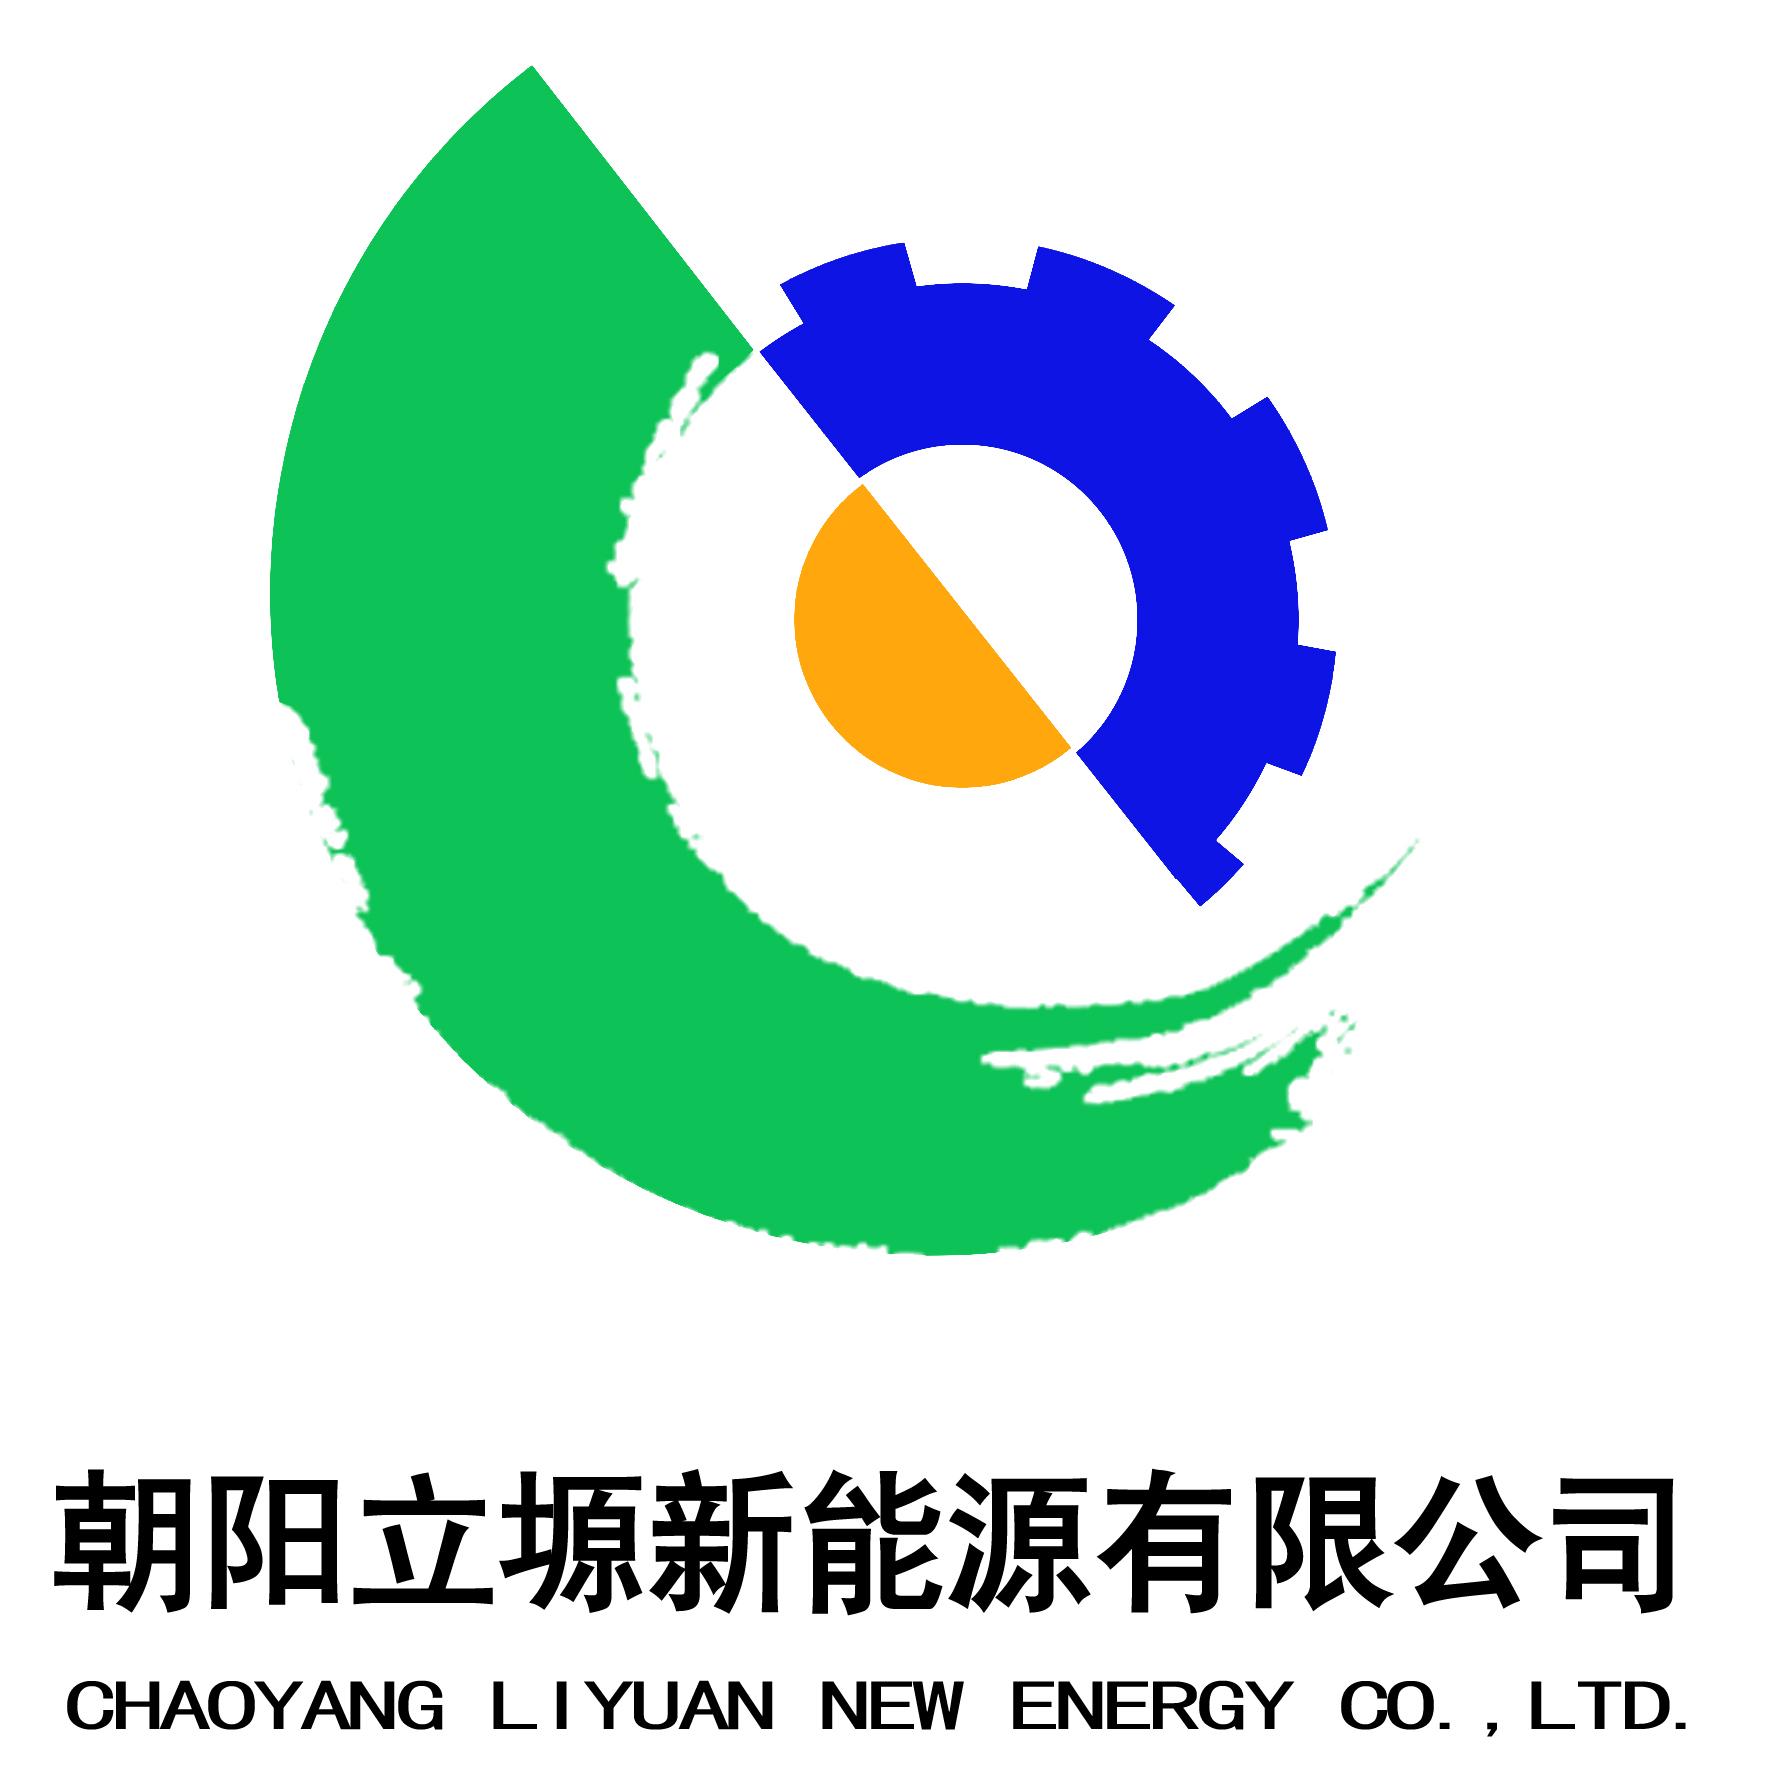 朝阳立塬新能源有限公司